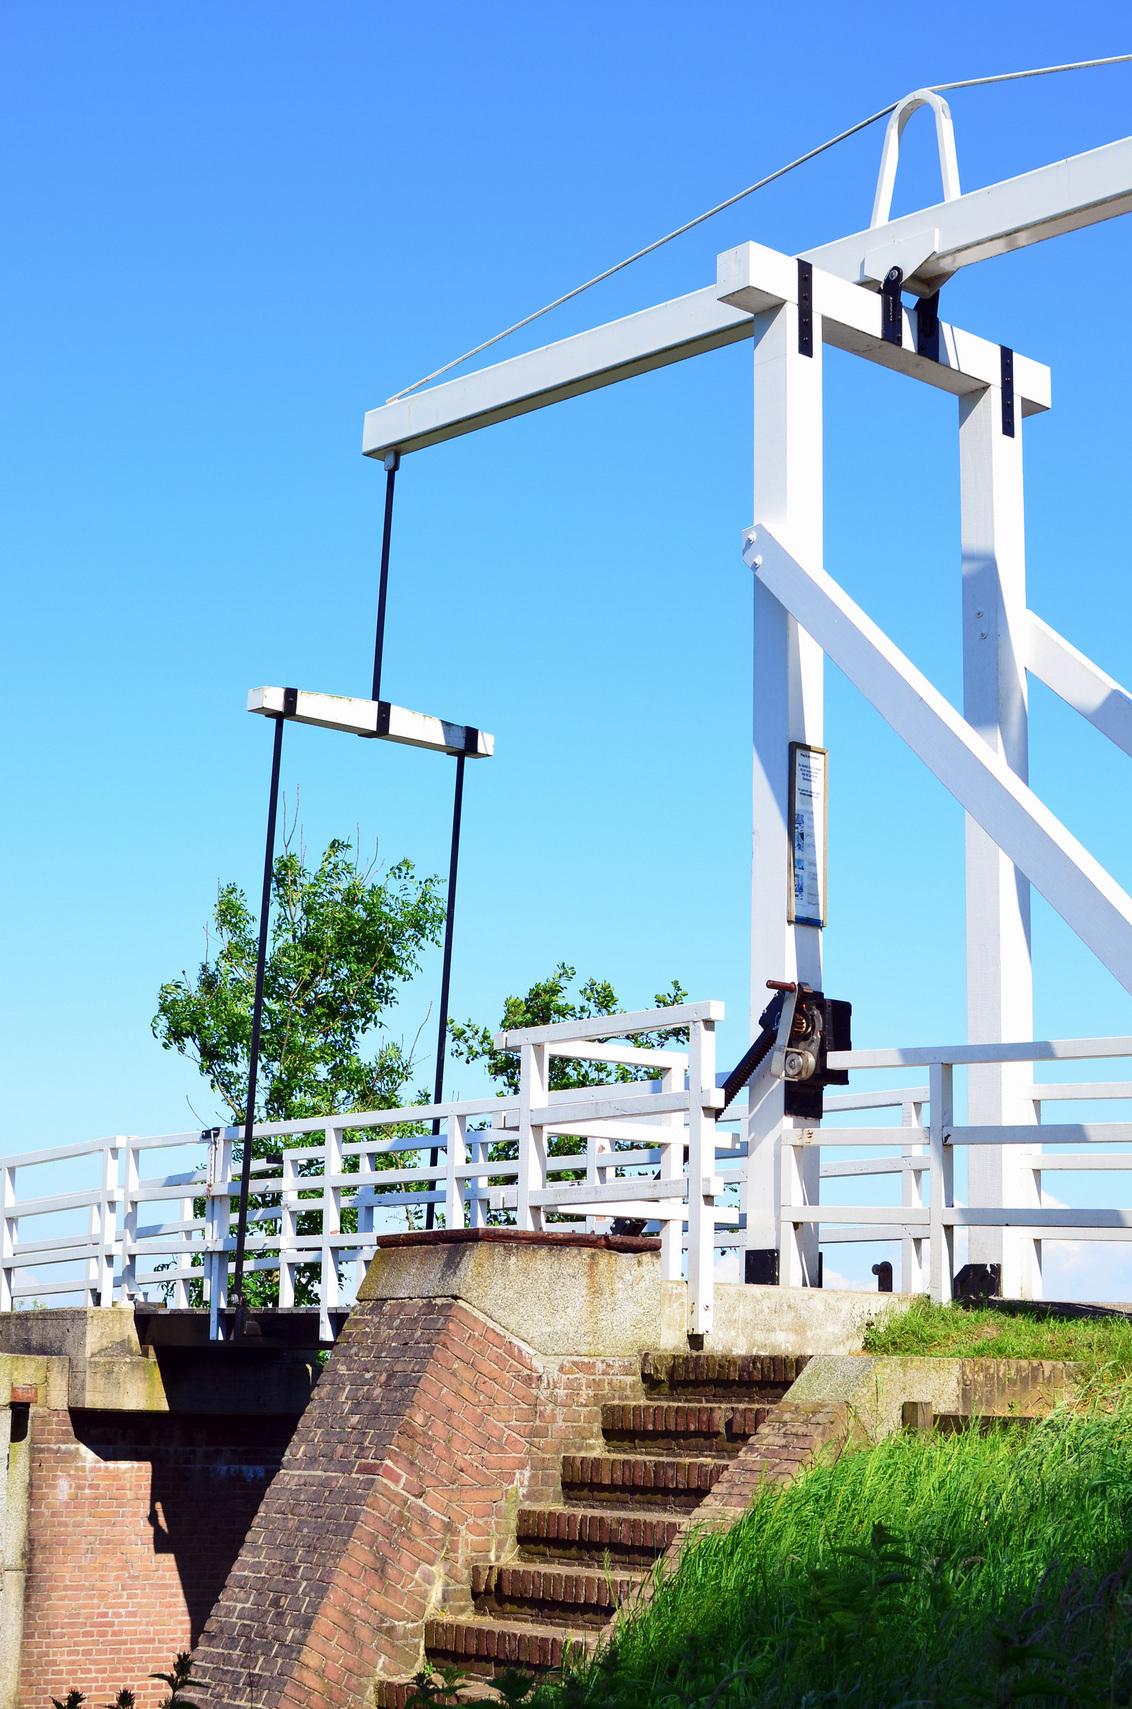 Witte brug - Mooie witte fietsersbrug met helderblauwe lucht. - foto door roland-hut op 28-01-2013 - deze foto bevat: groen, wit, blauw, landschap, zomer, brug, nederland, friesland, Fietsersbrug